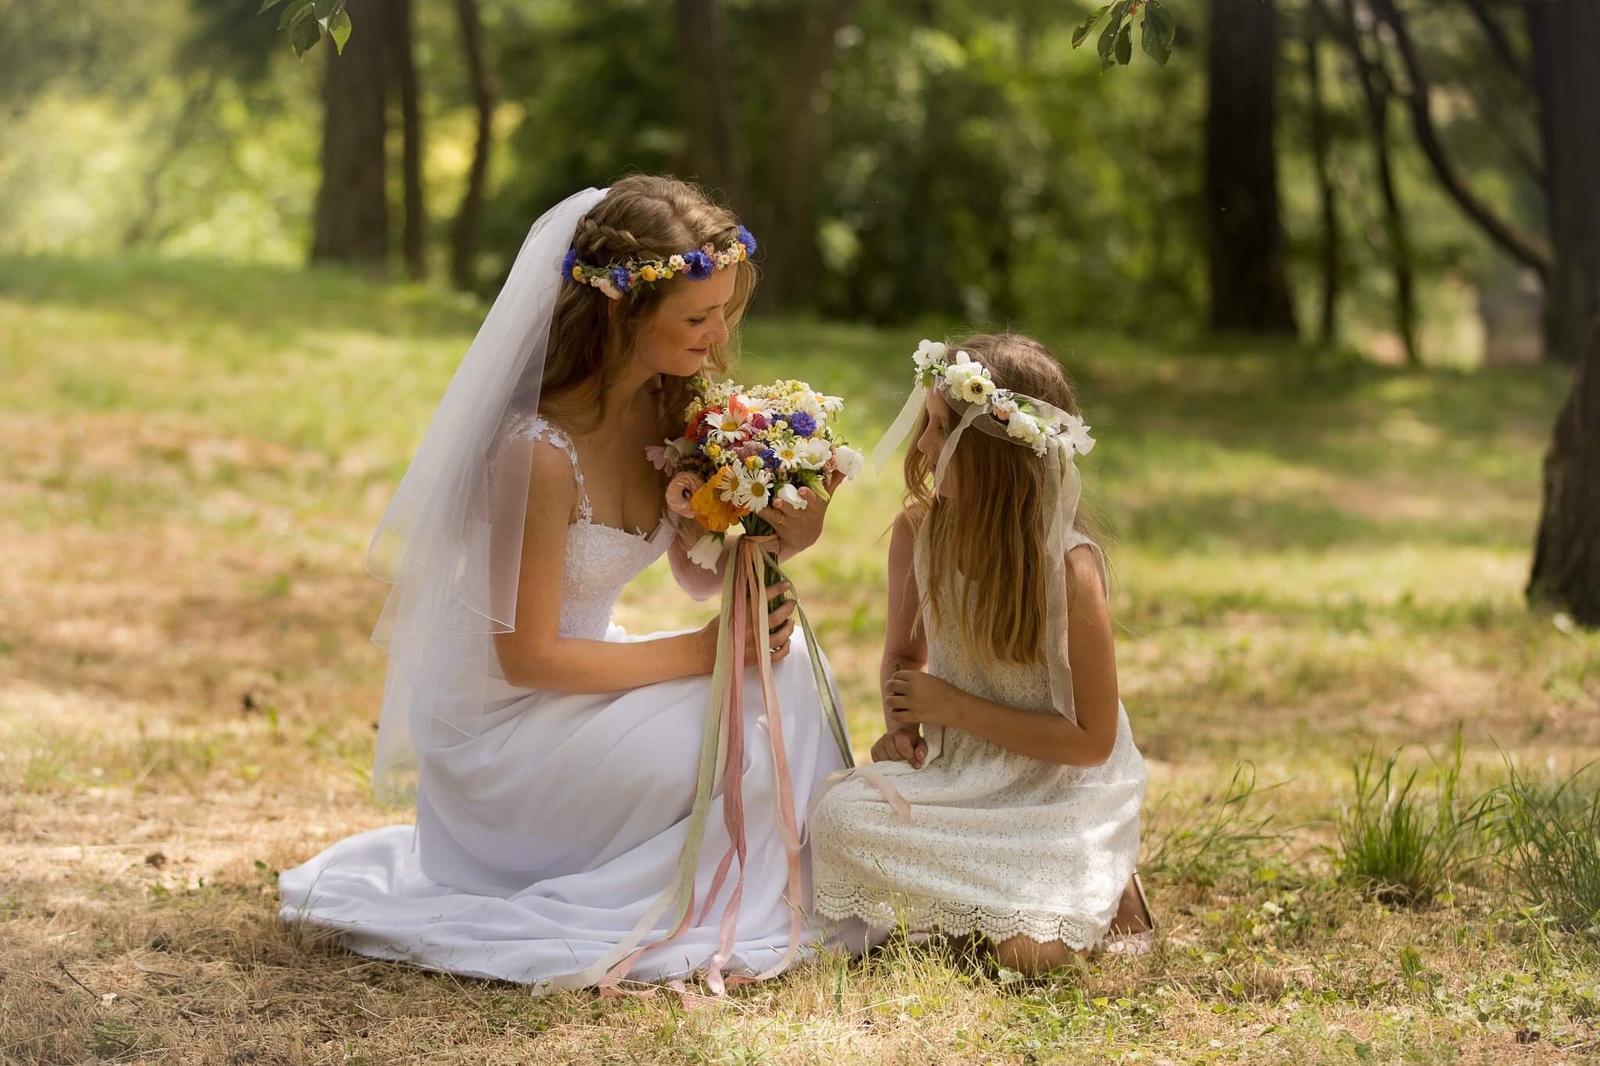 Svatební šaty pro vílu - Obrázek č. 4